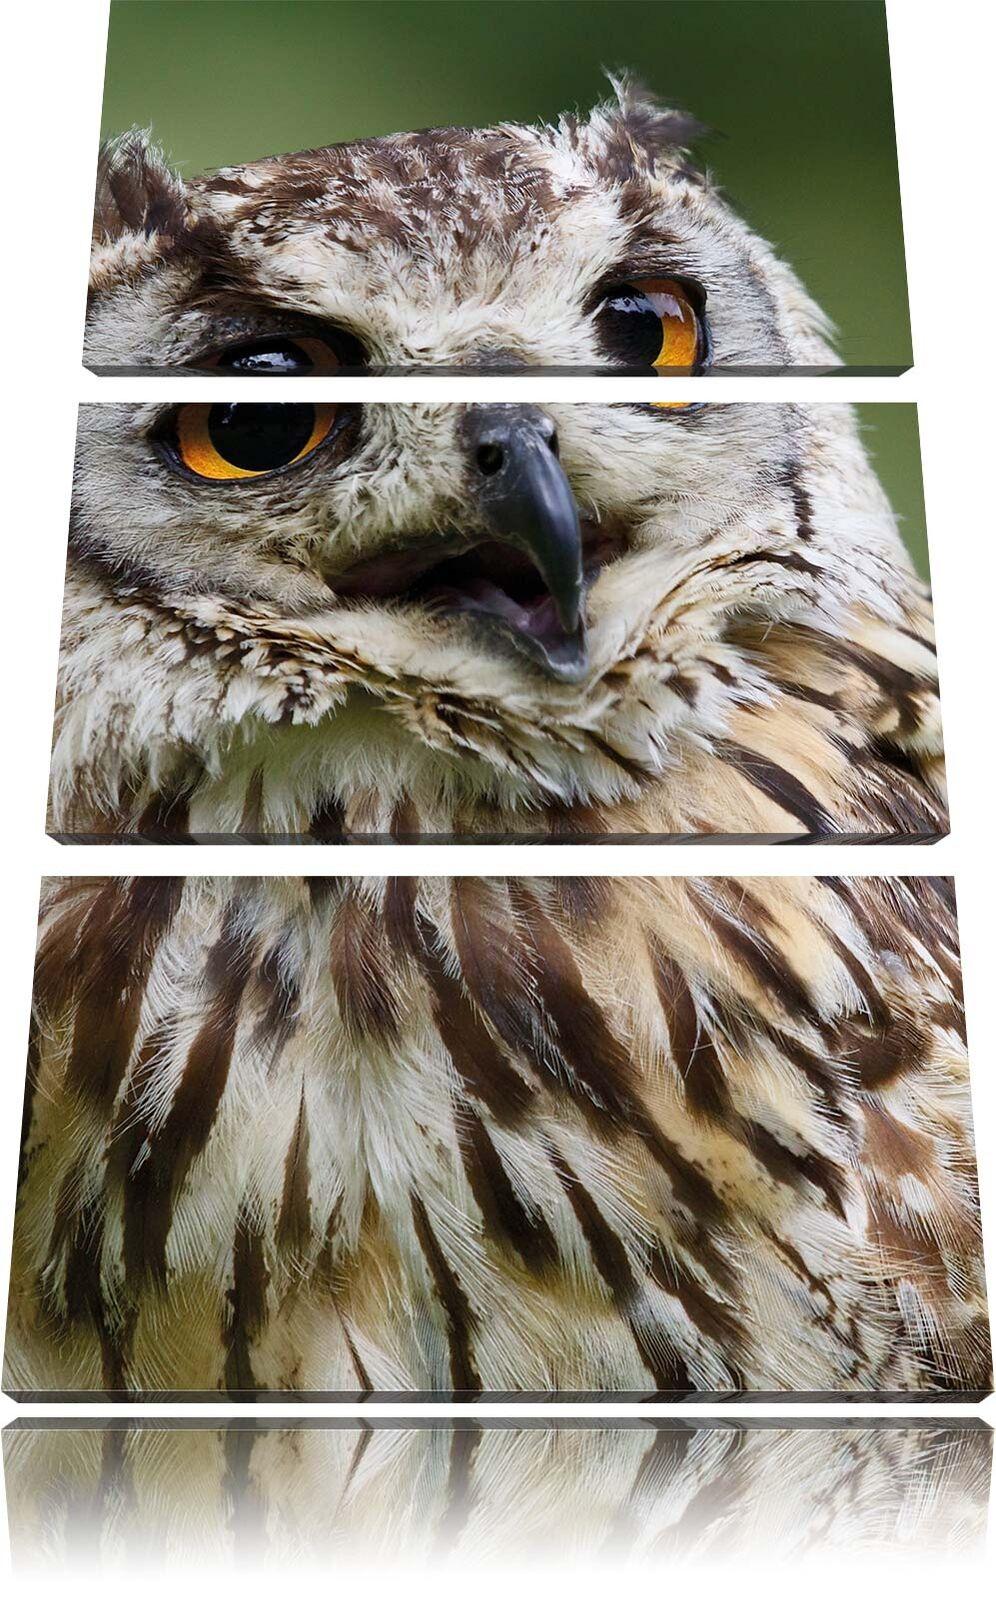 Estremamente stanca Foresta Gufo 3-Divisorio 3-Divisorio 3-Divisorio Tela Decorazione stampa d'arte 85ef2f